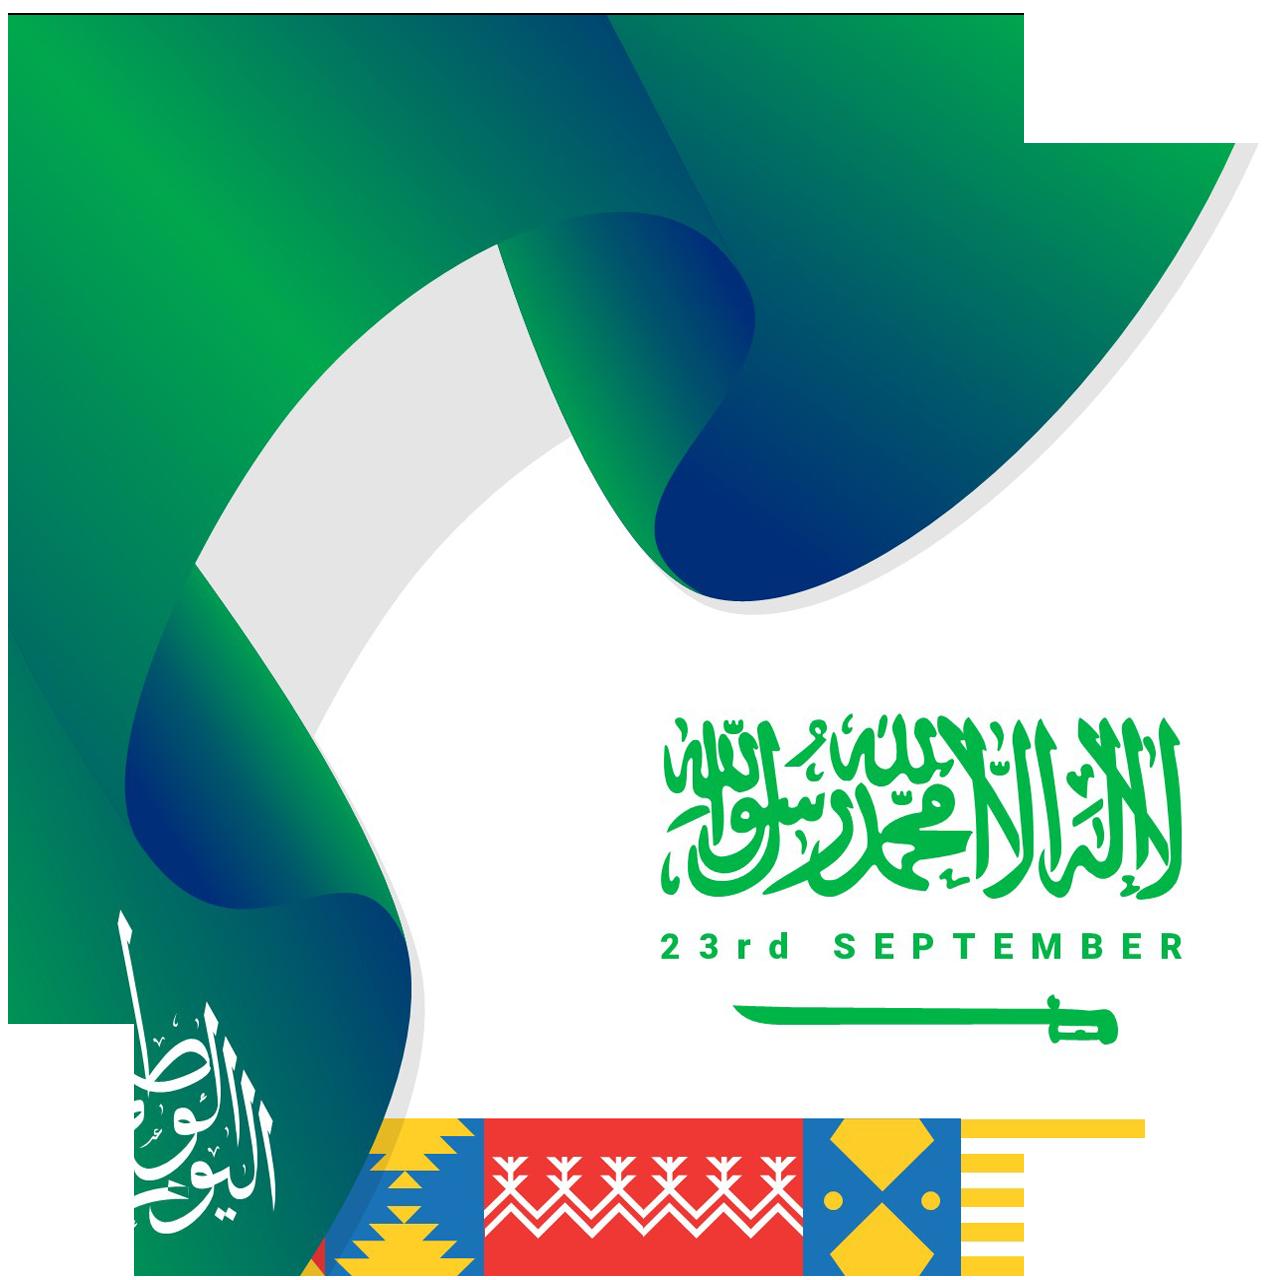 صور افتارات اليوم الوطني السعودي 91